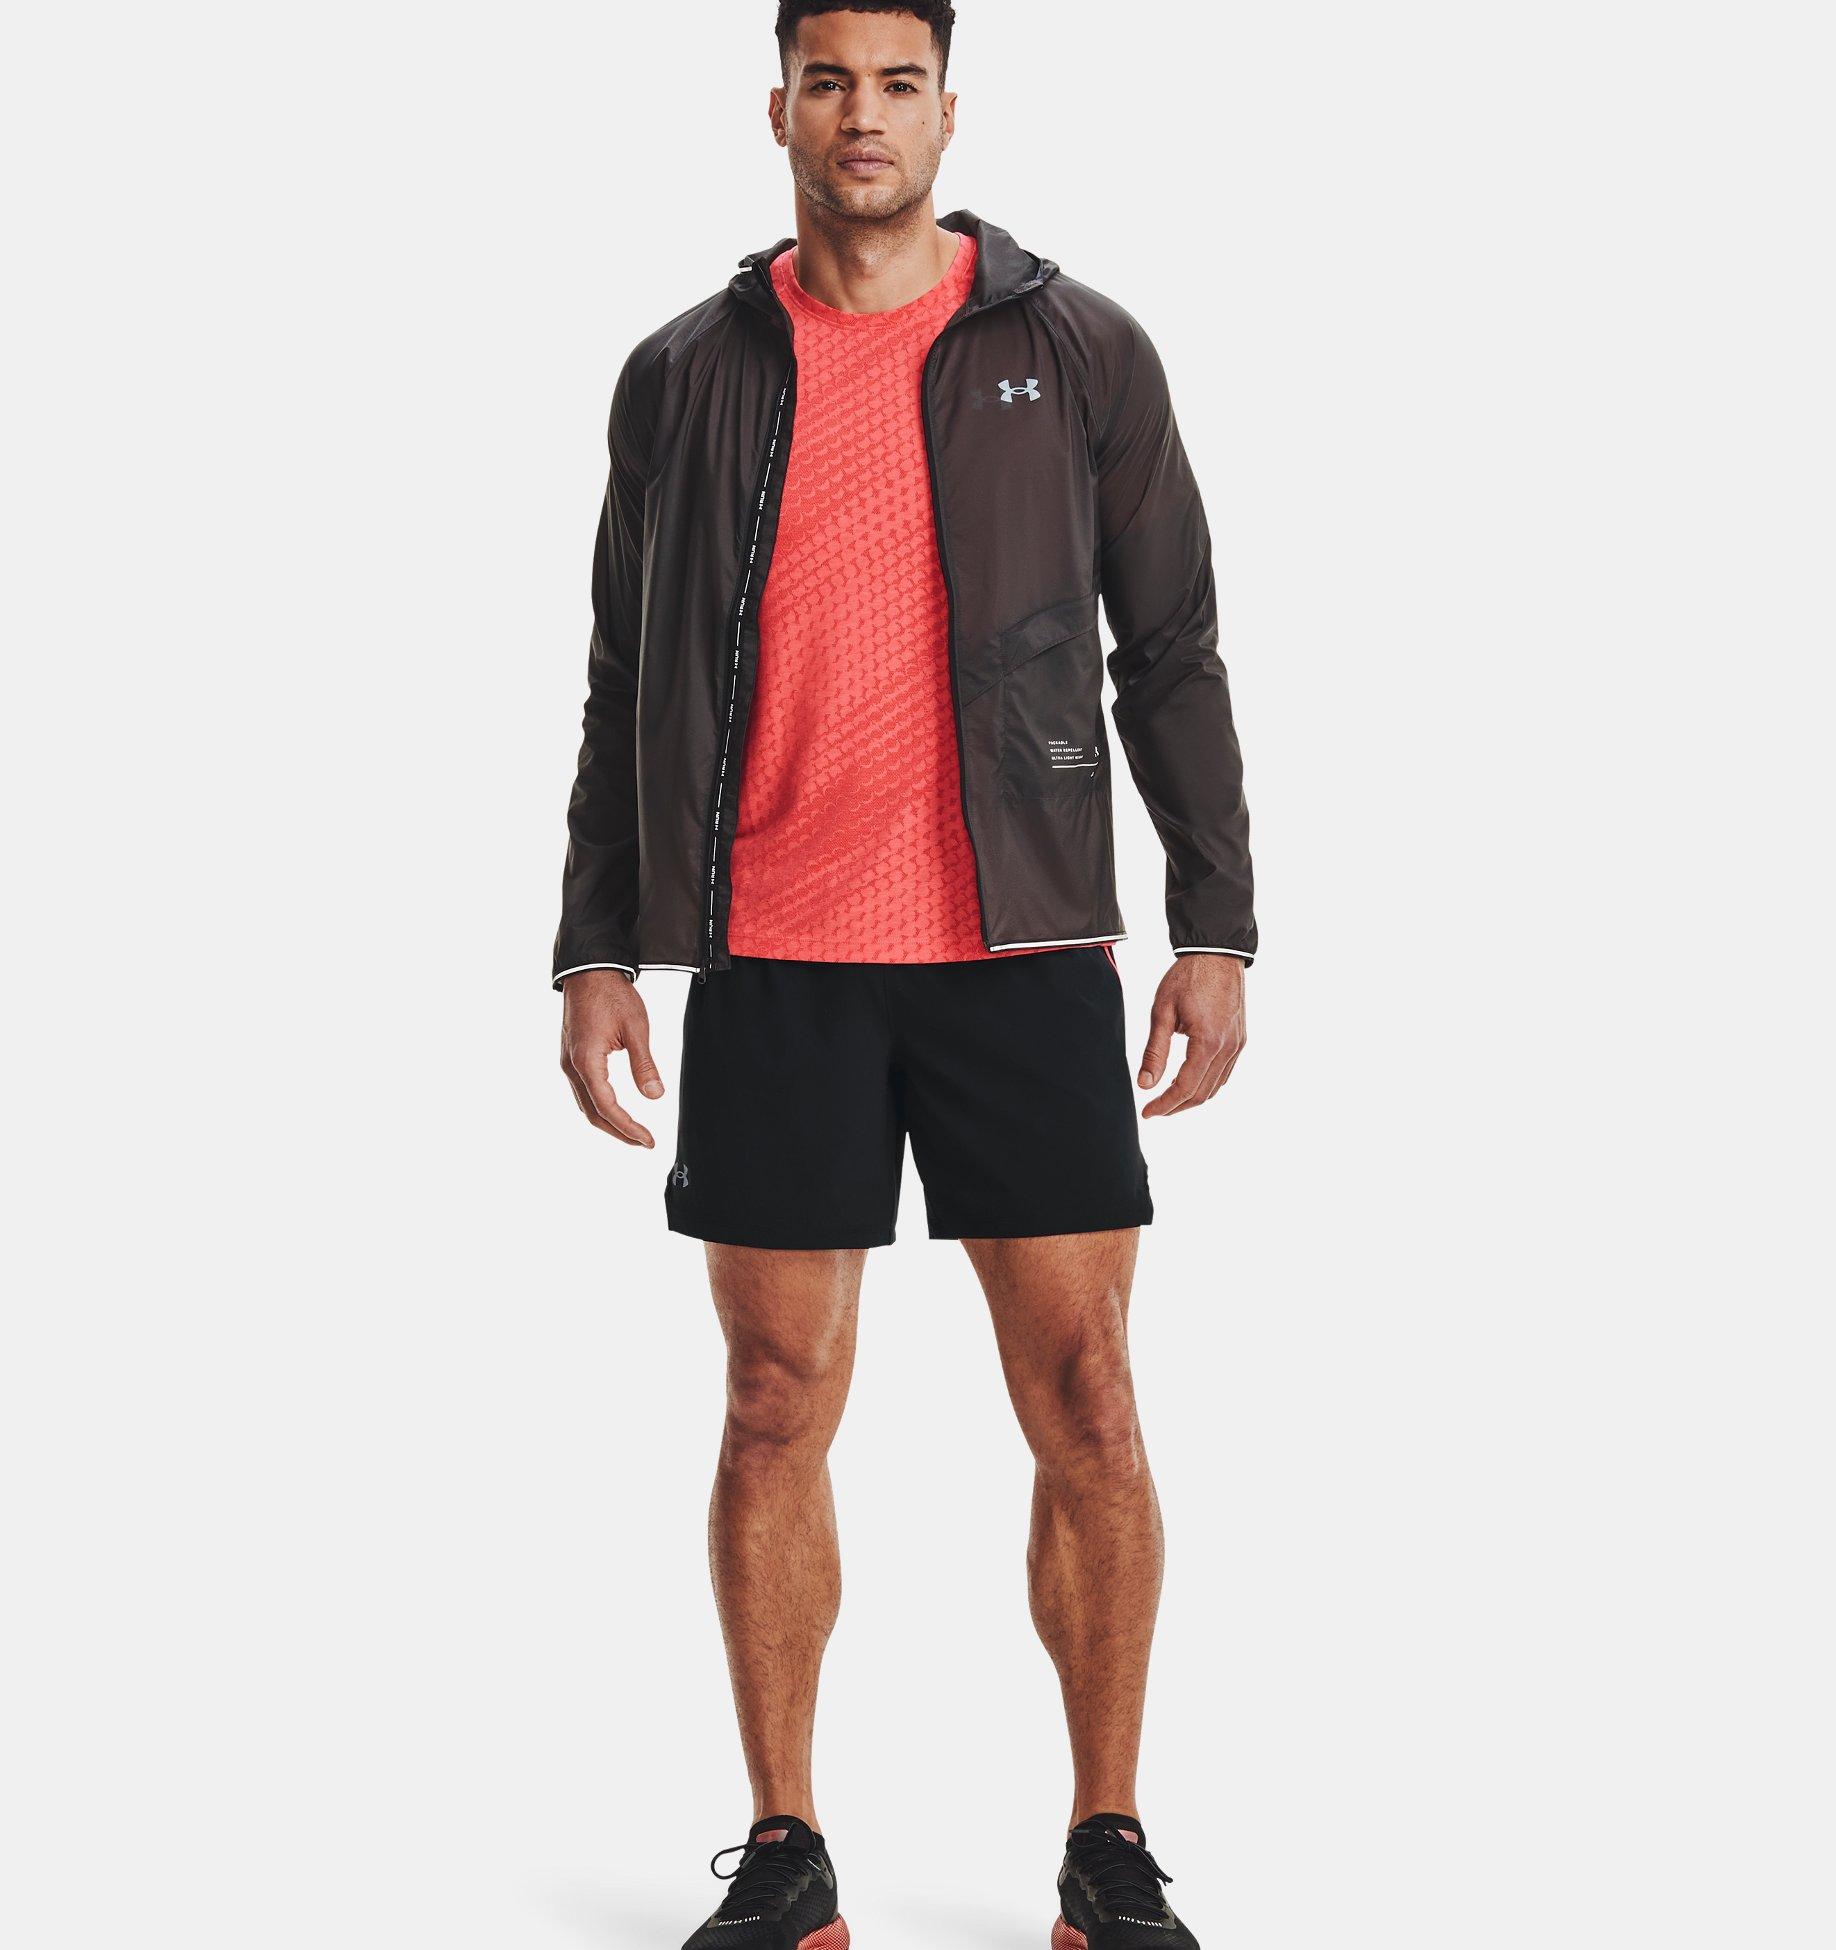 Underarmour Mens UA Qualifier Storm Packable Jacket